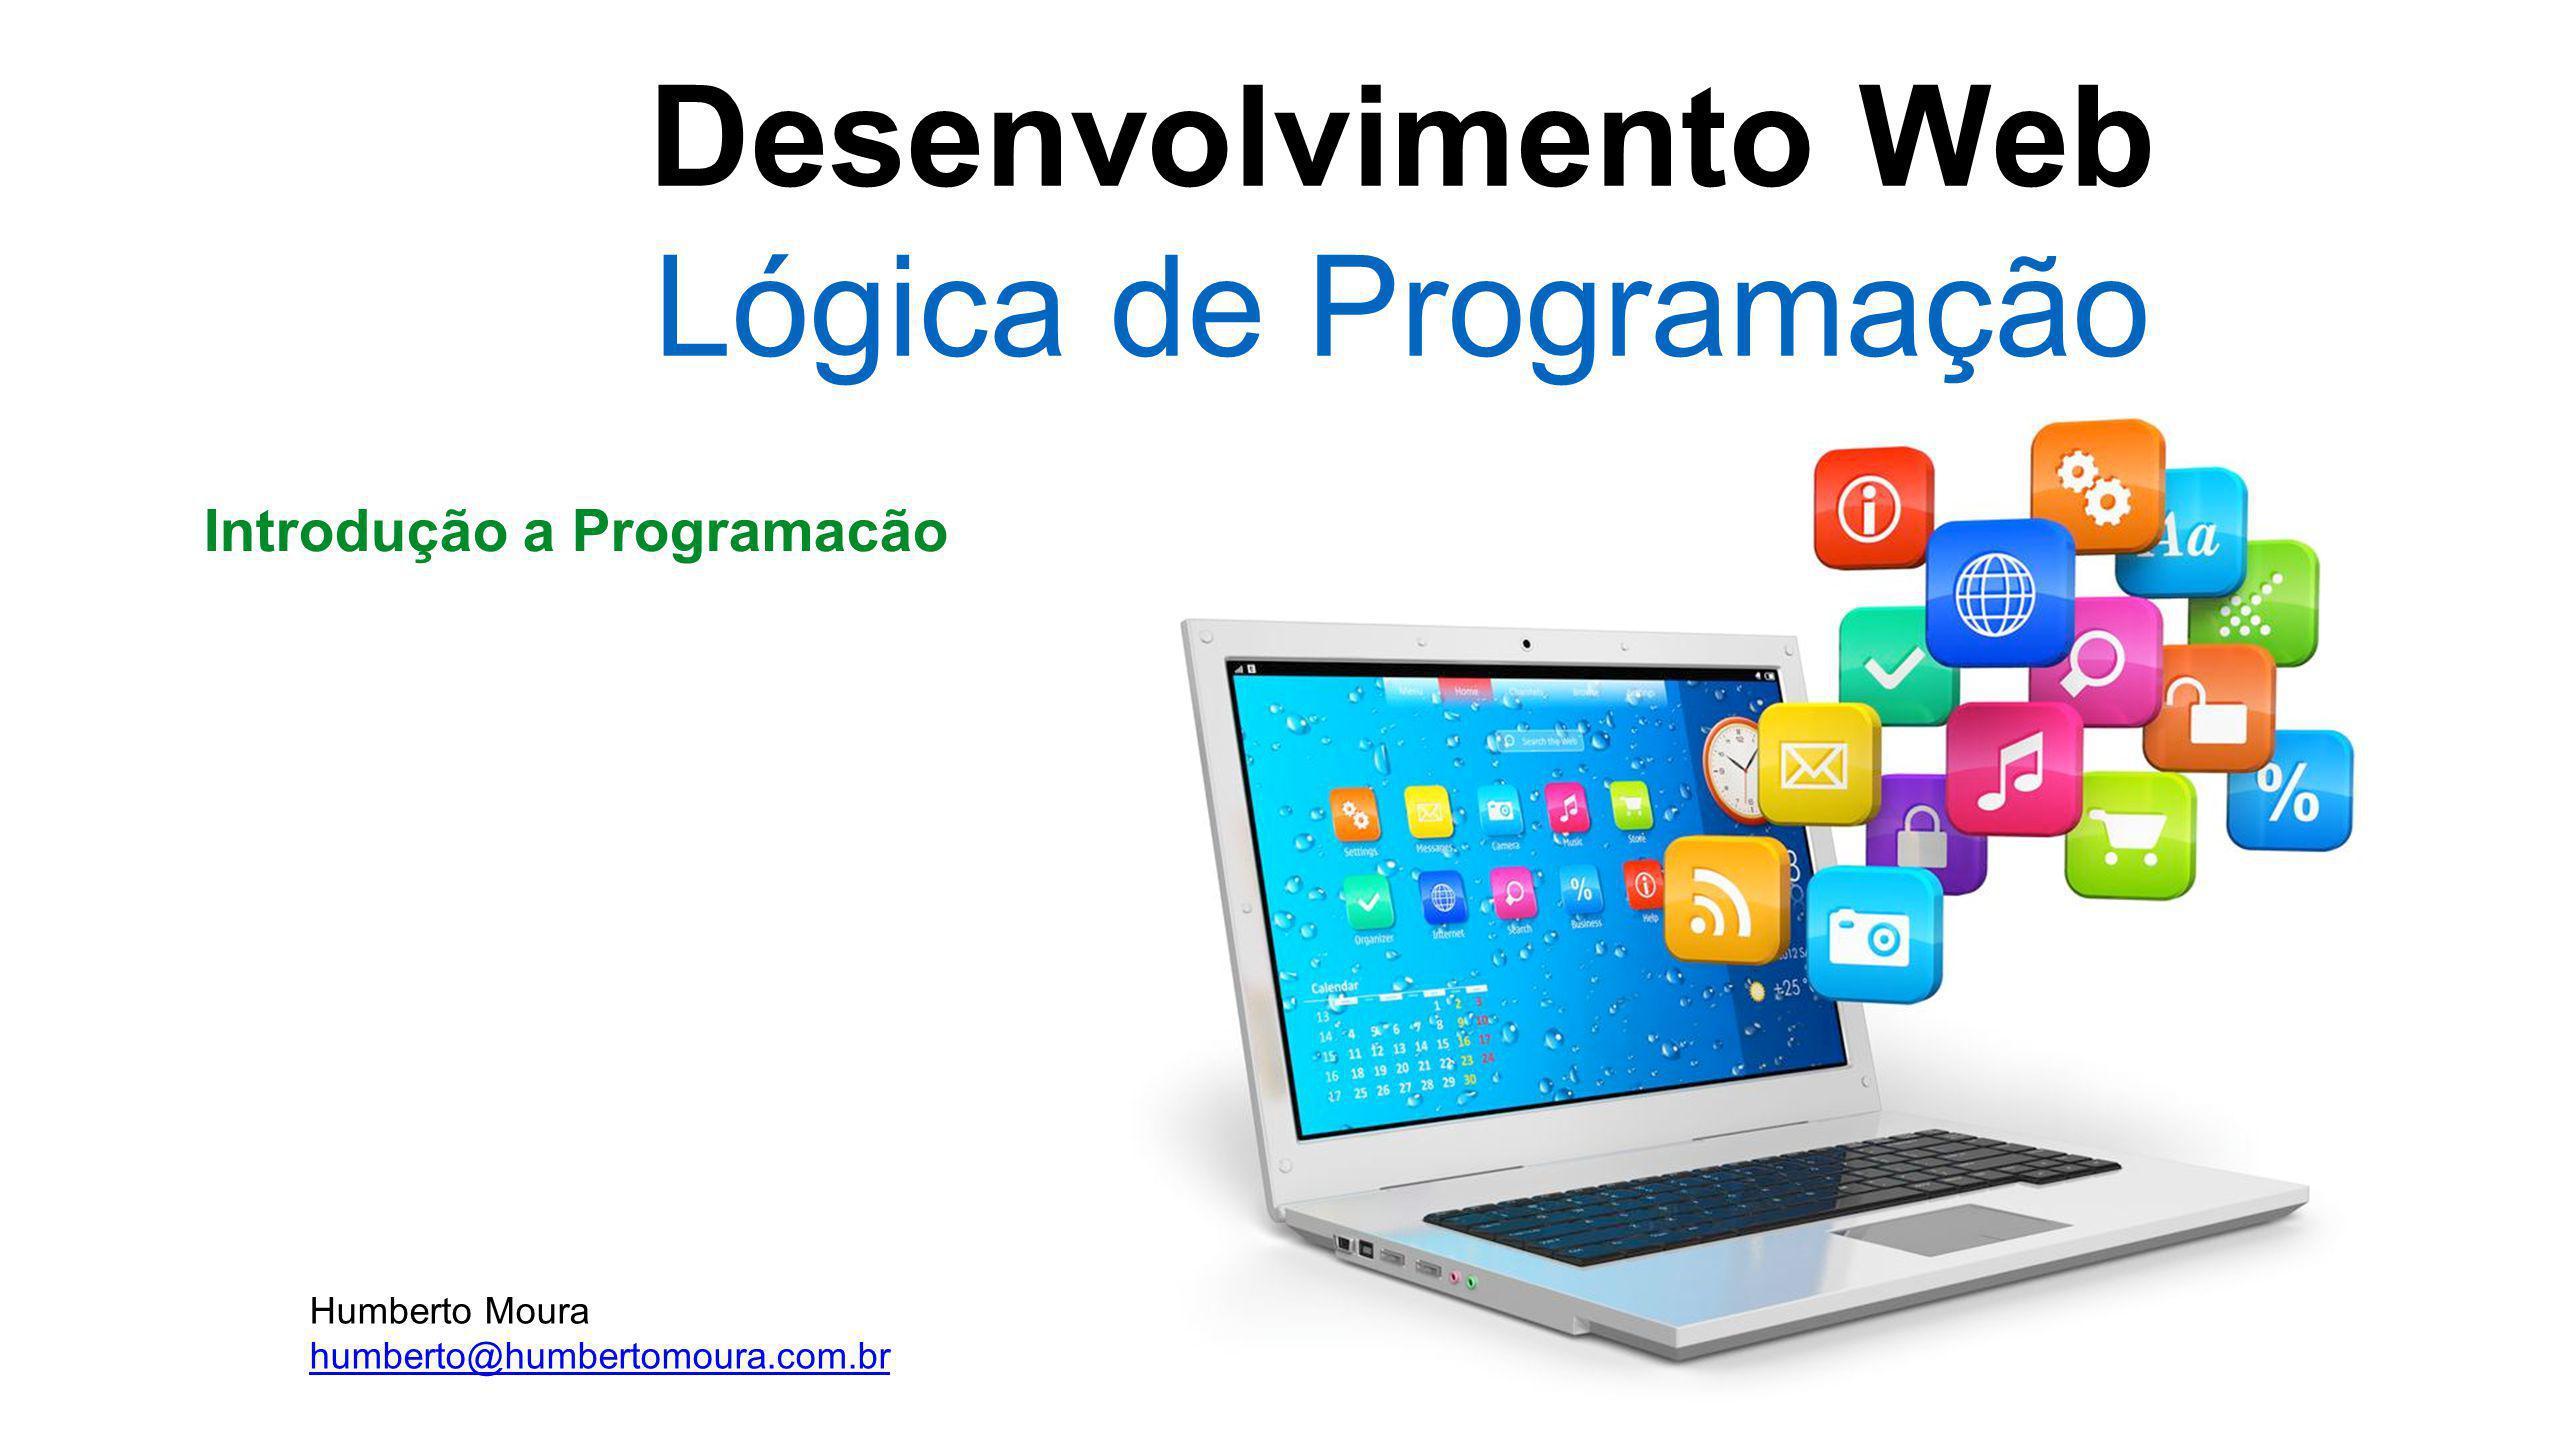 Desenvolvimento Web Lógica de Programação